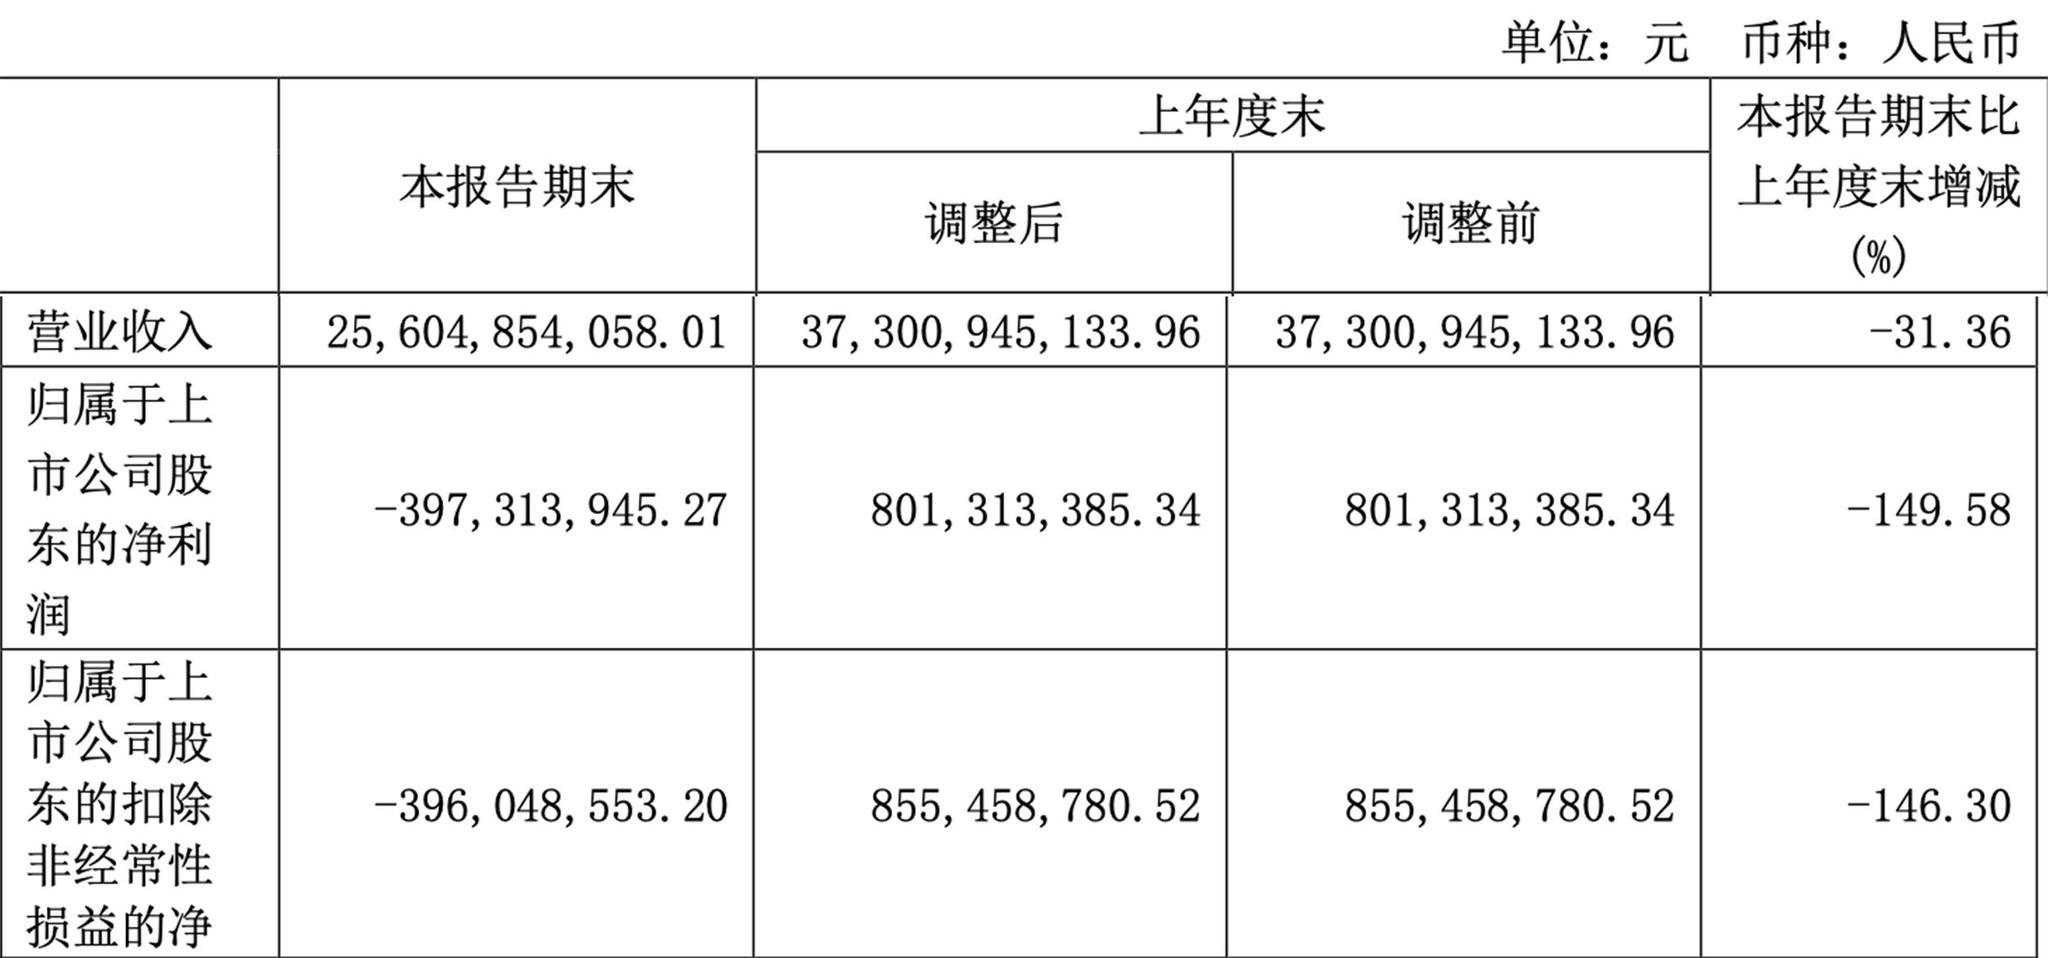 转亏摩天代理净利润亏损397亿,摩天代理图片